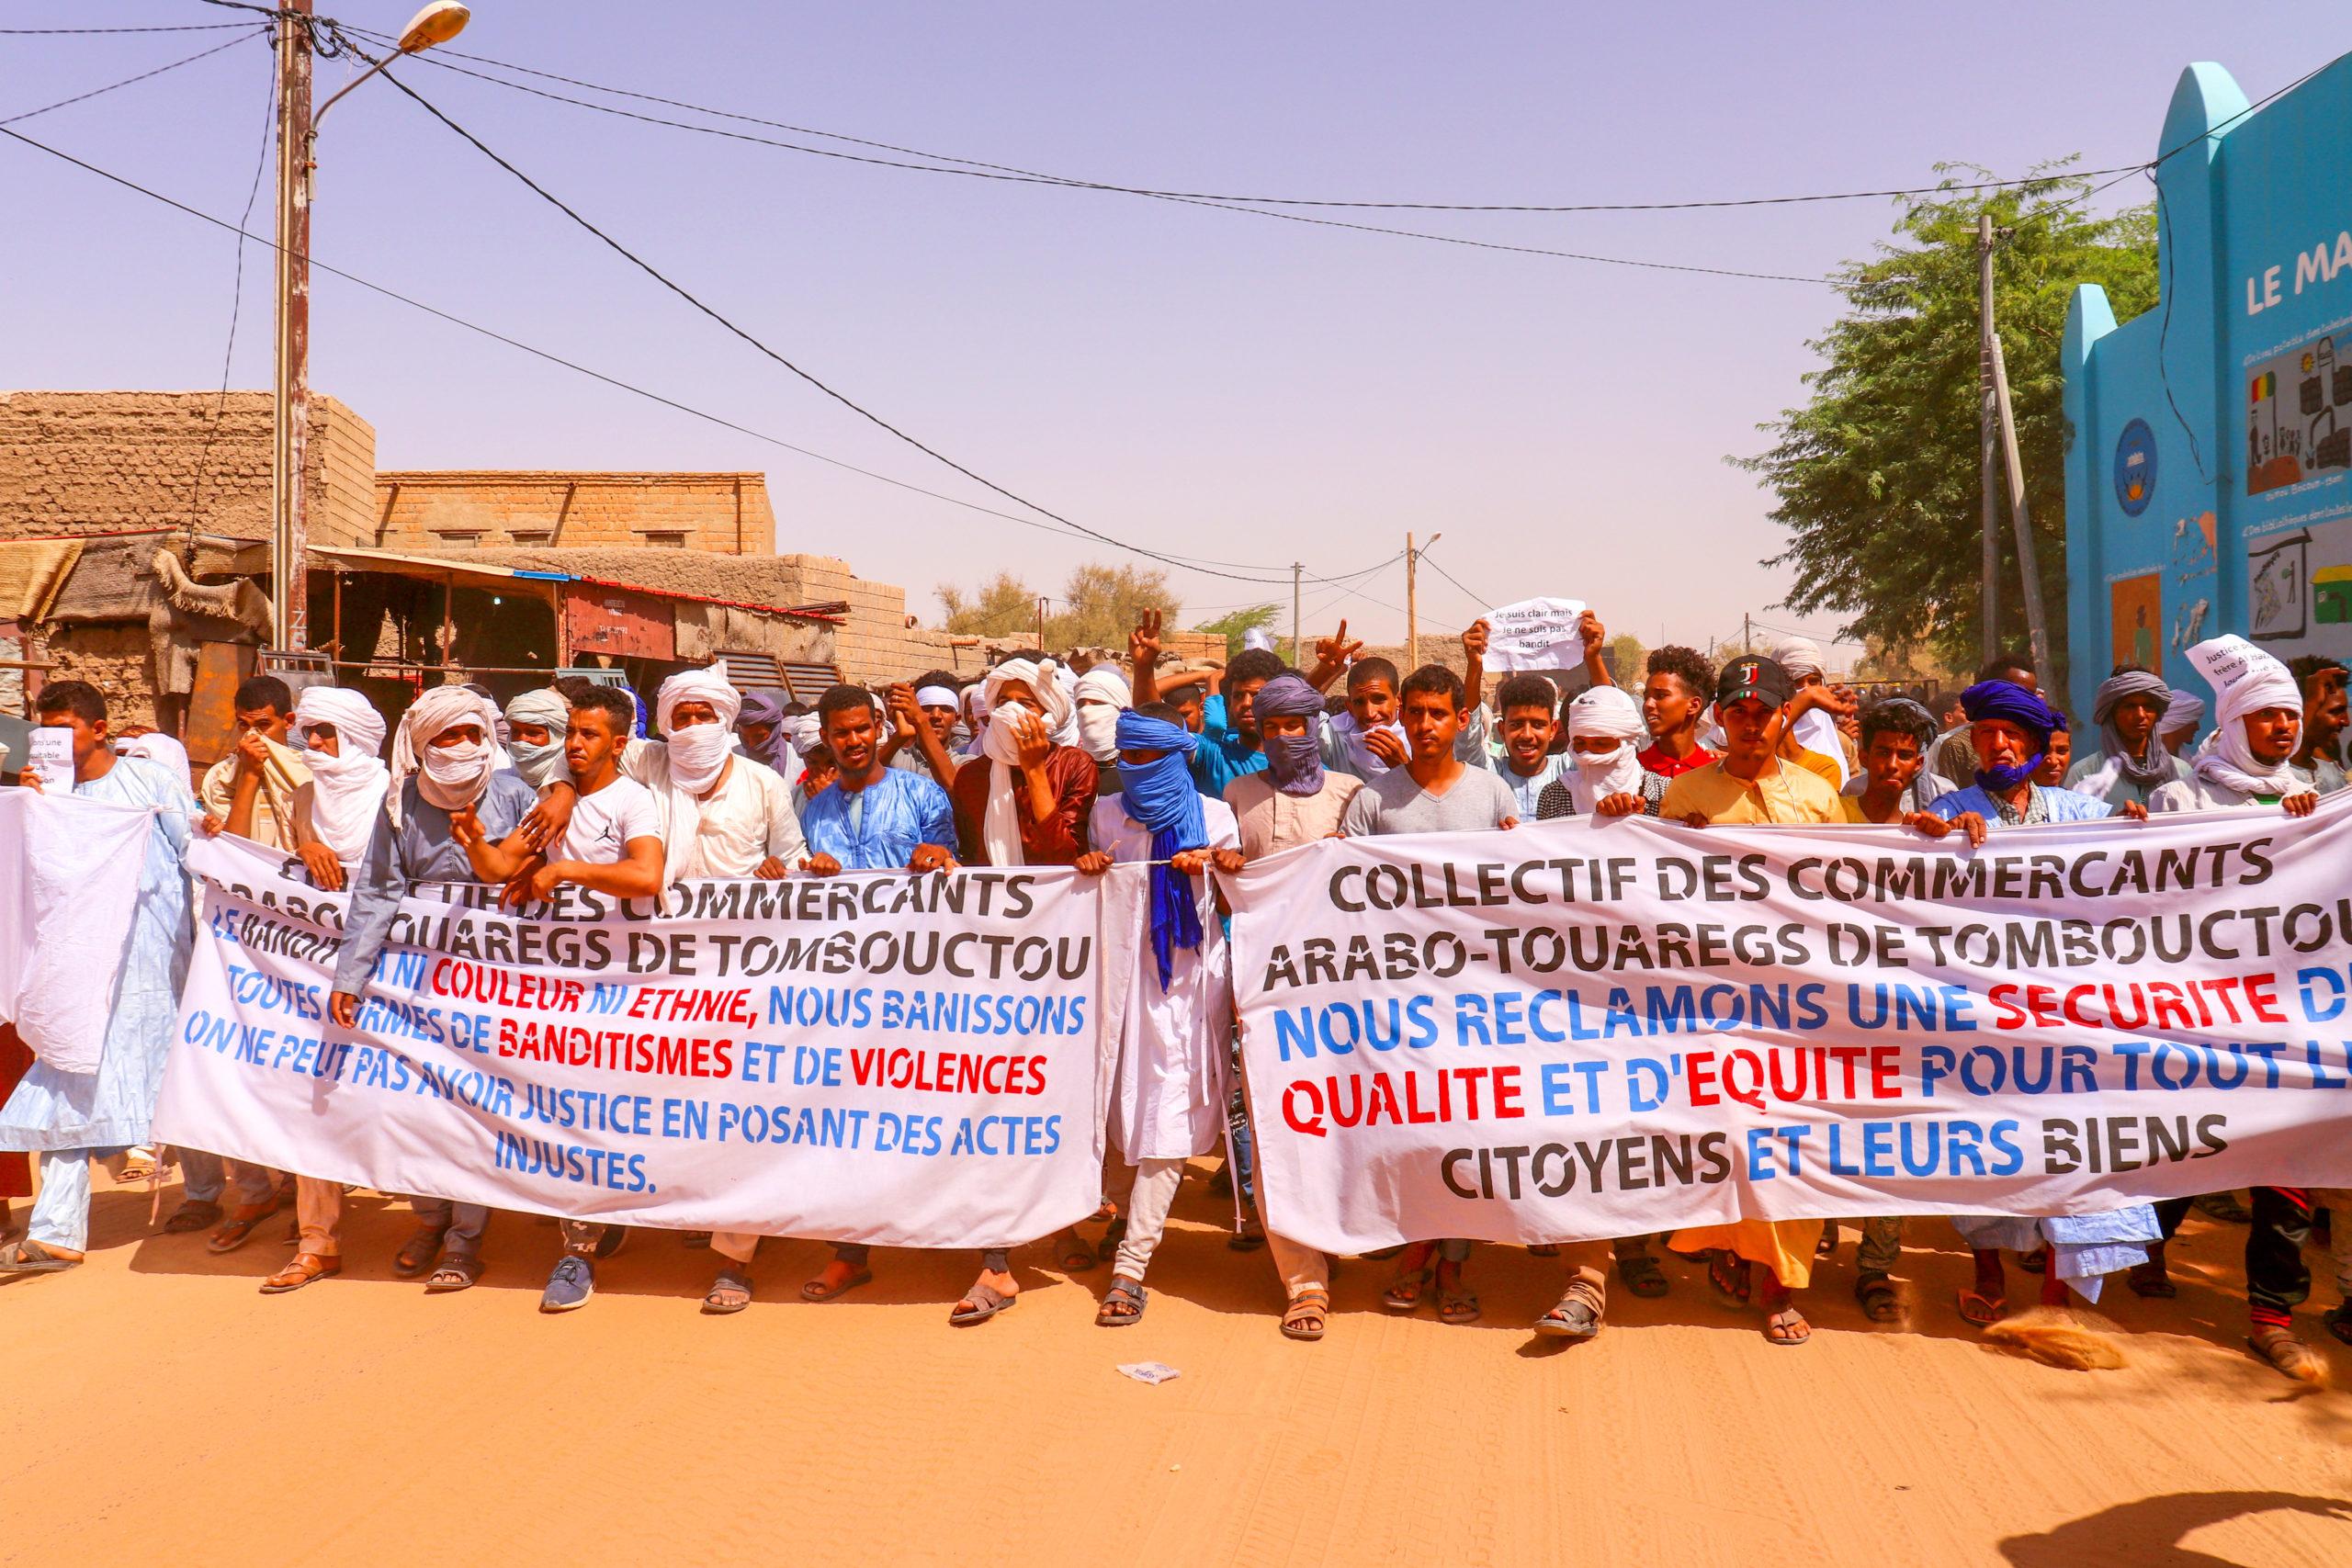 Les collectif des commerçants arabo-Touaregs de Tombouctou dans les rues de Tombouctou.